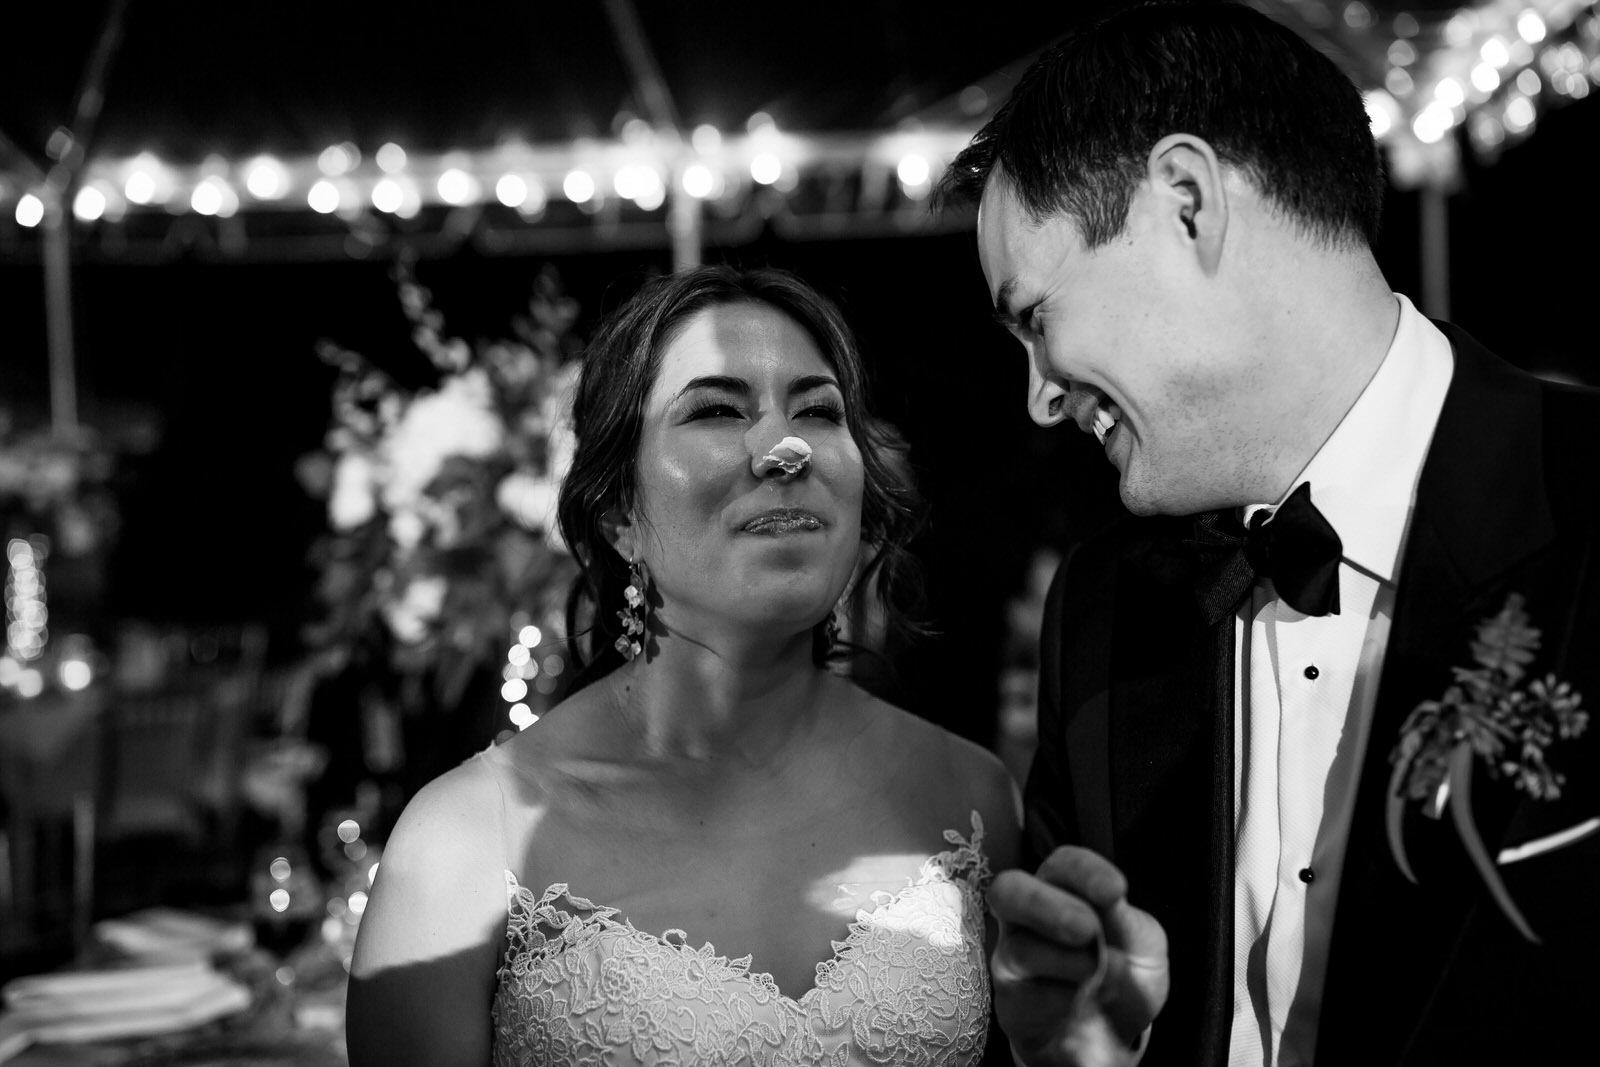 wedding_moment_cake_on_face.jpg